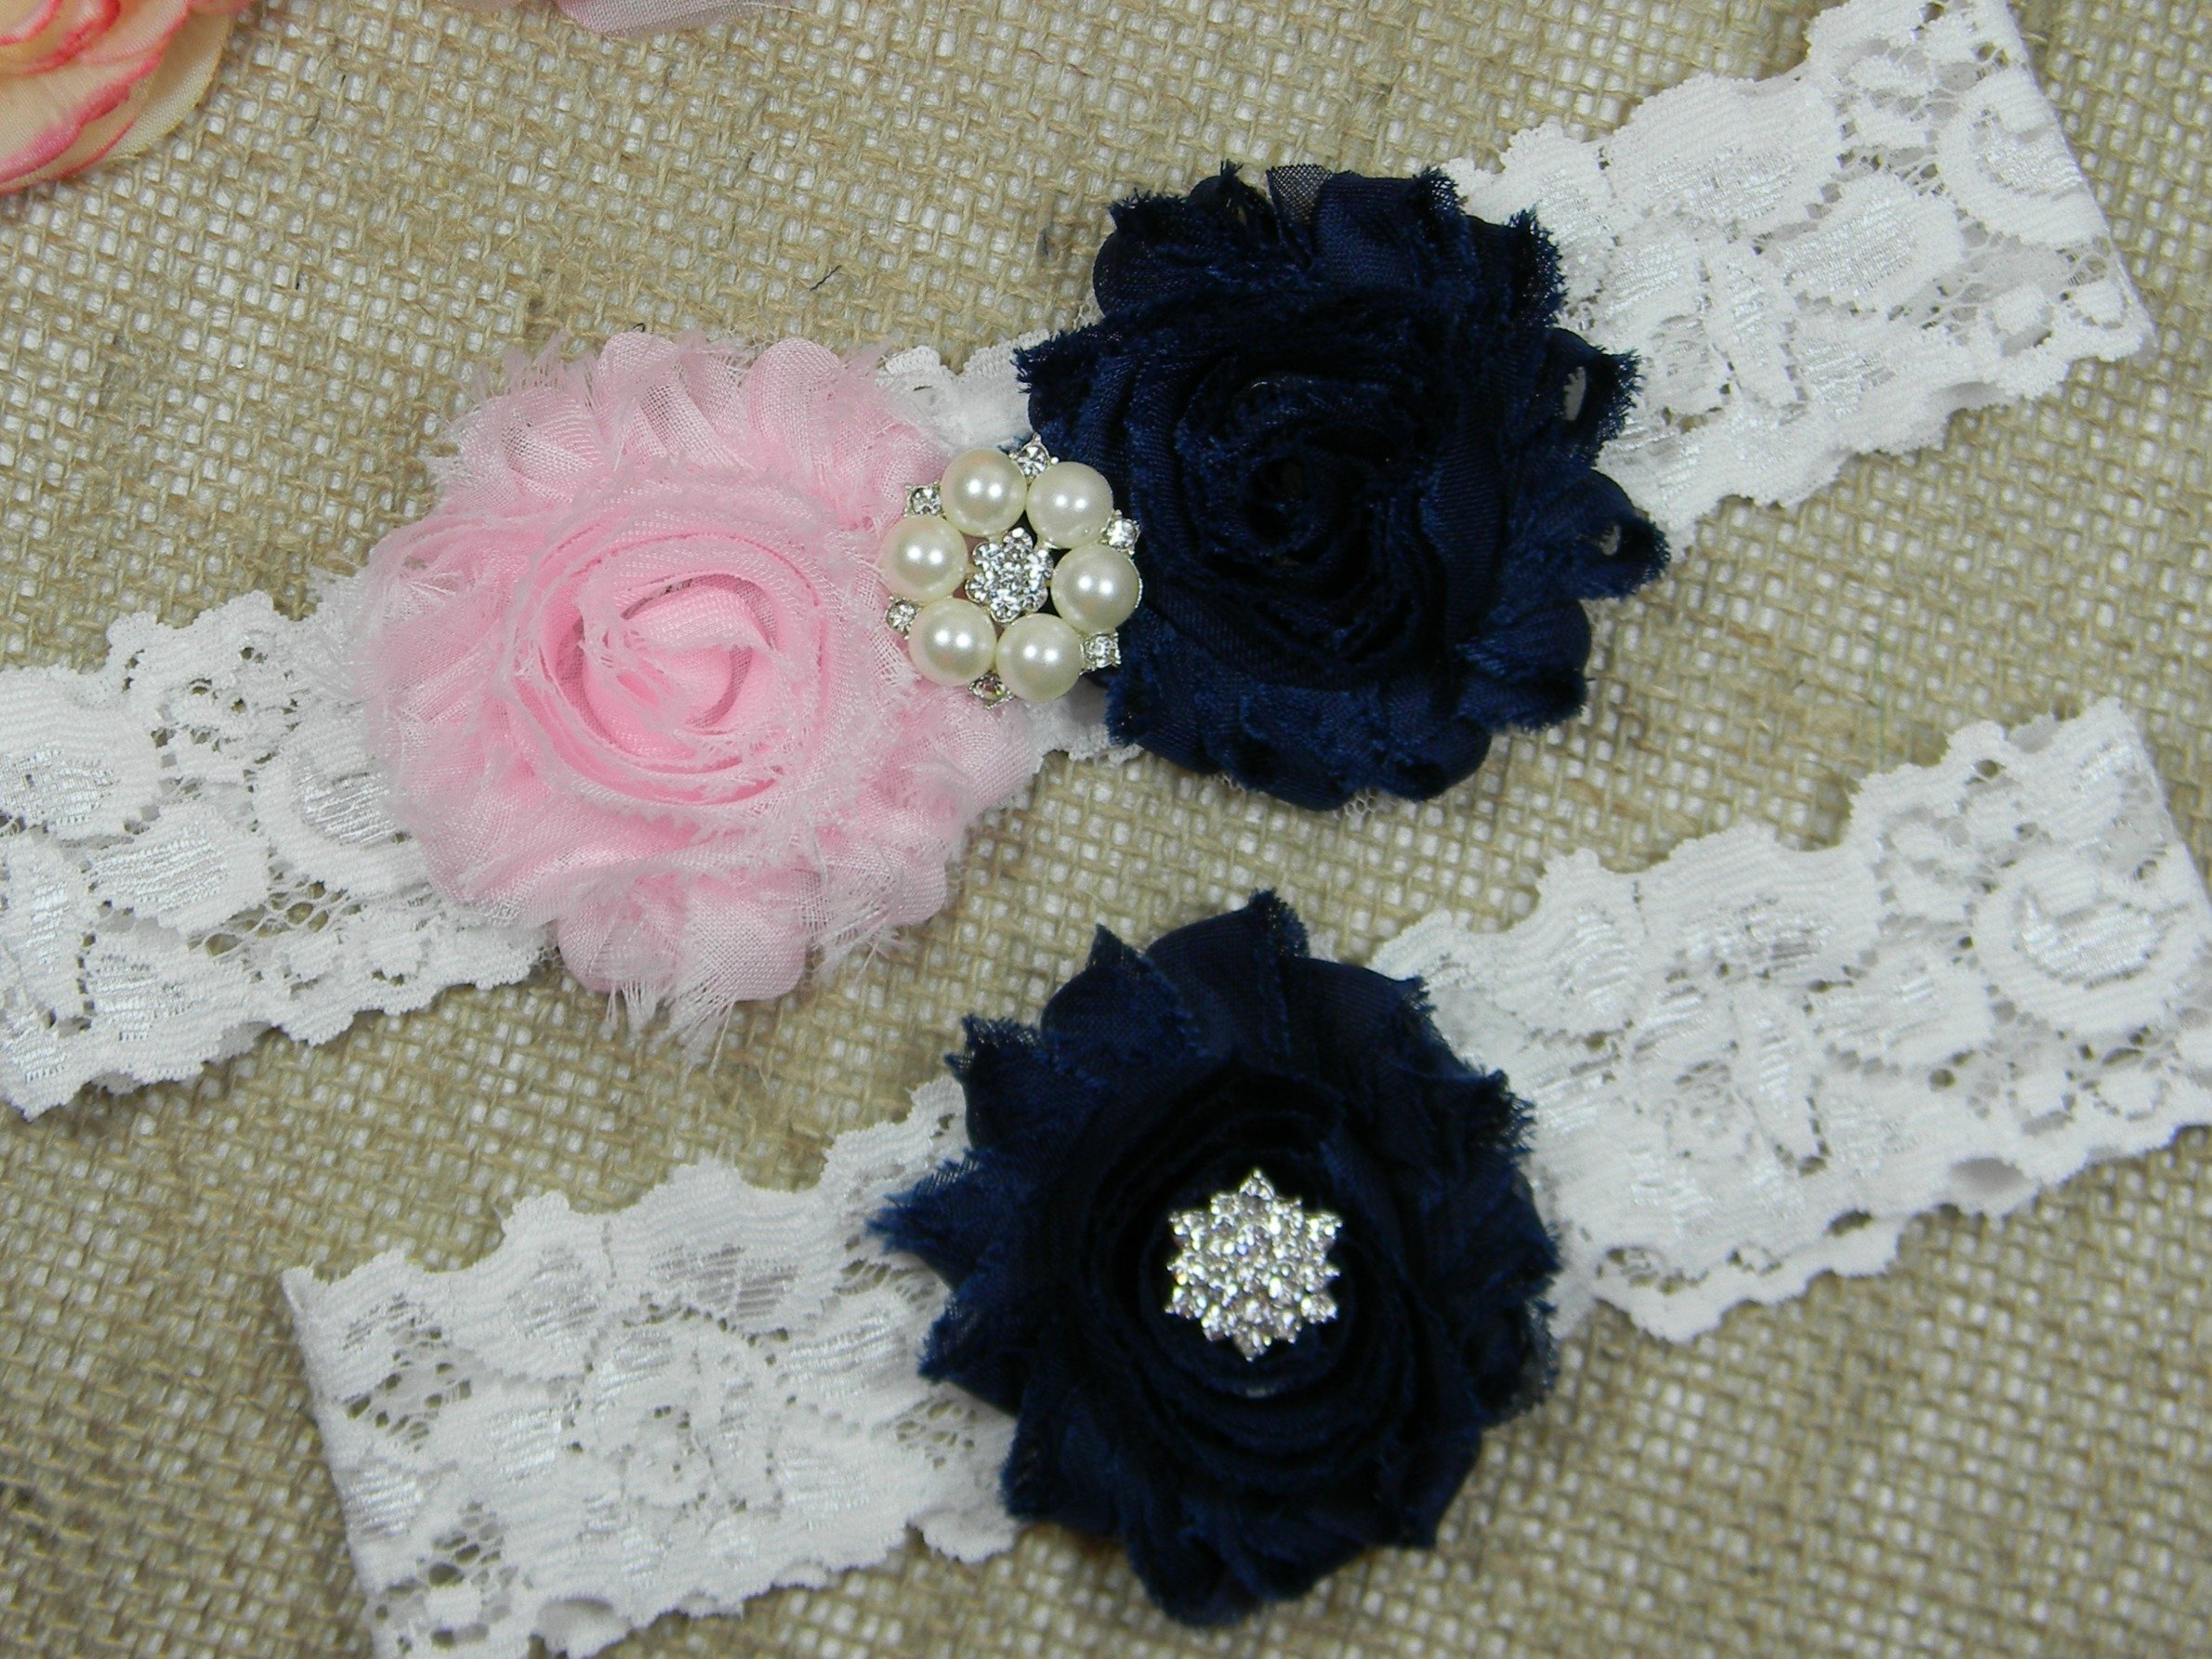 Pink and Navy Blue Garter, Wedding Garter Set, Bridal Garter Belt, Keepsake and Toss Stretch Lace Garters